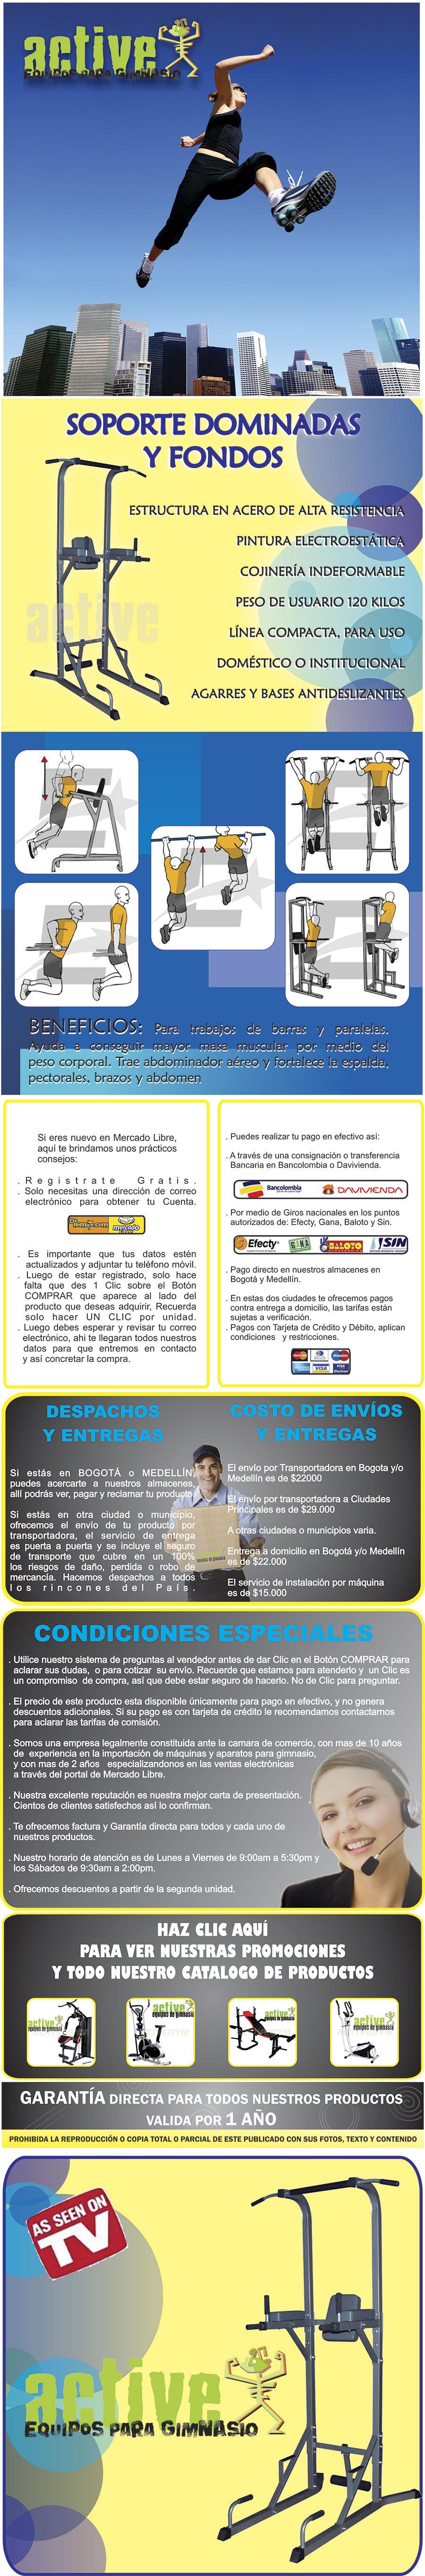 SOPORTE DE DOMINADAS Y FONDOS